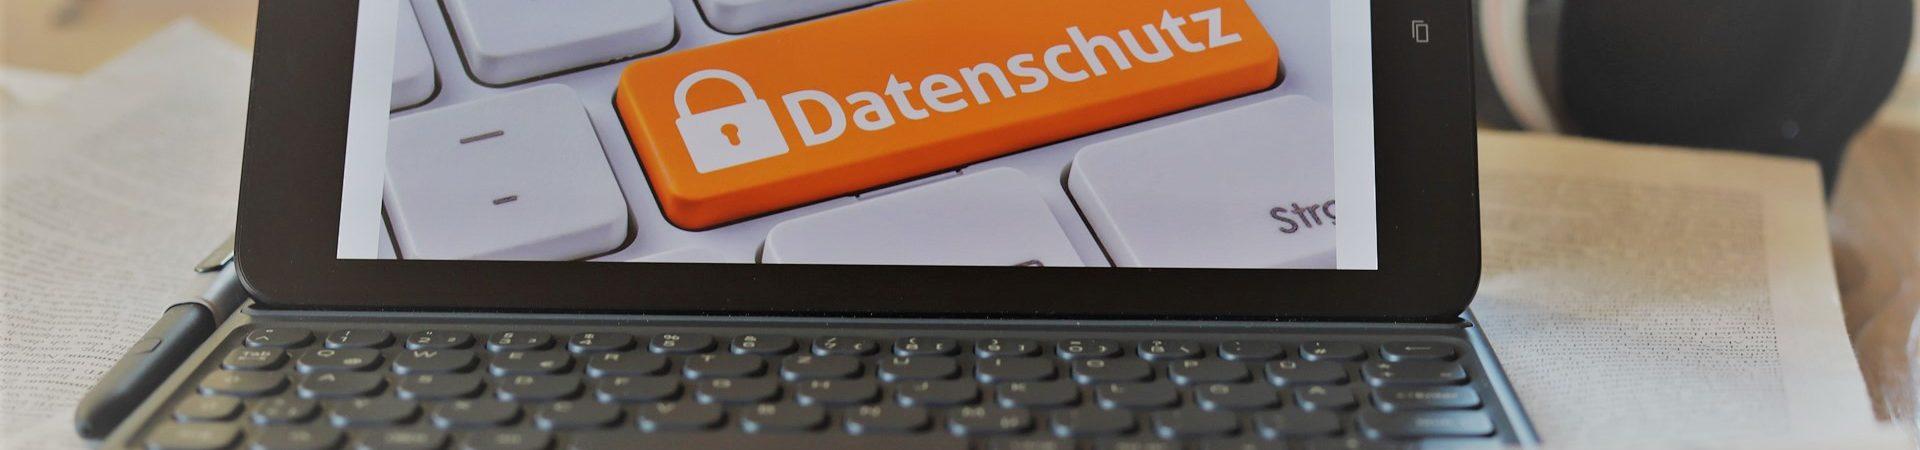 Datenschutz - Foto: Knut Kuckel/Journalismusblog.de